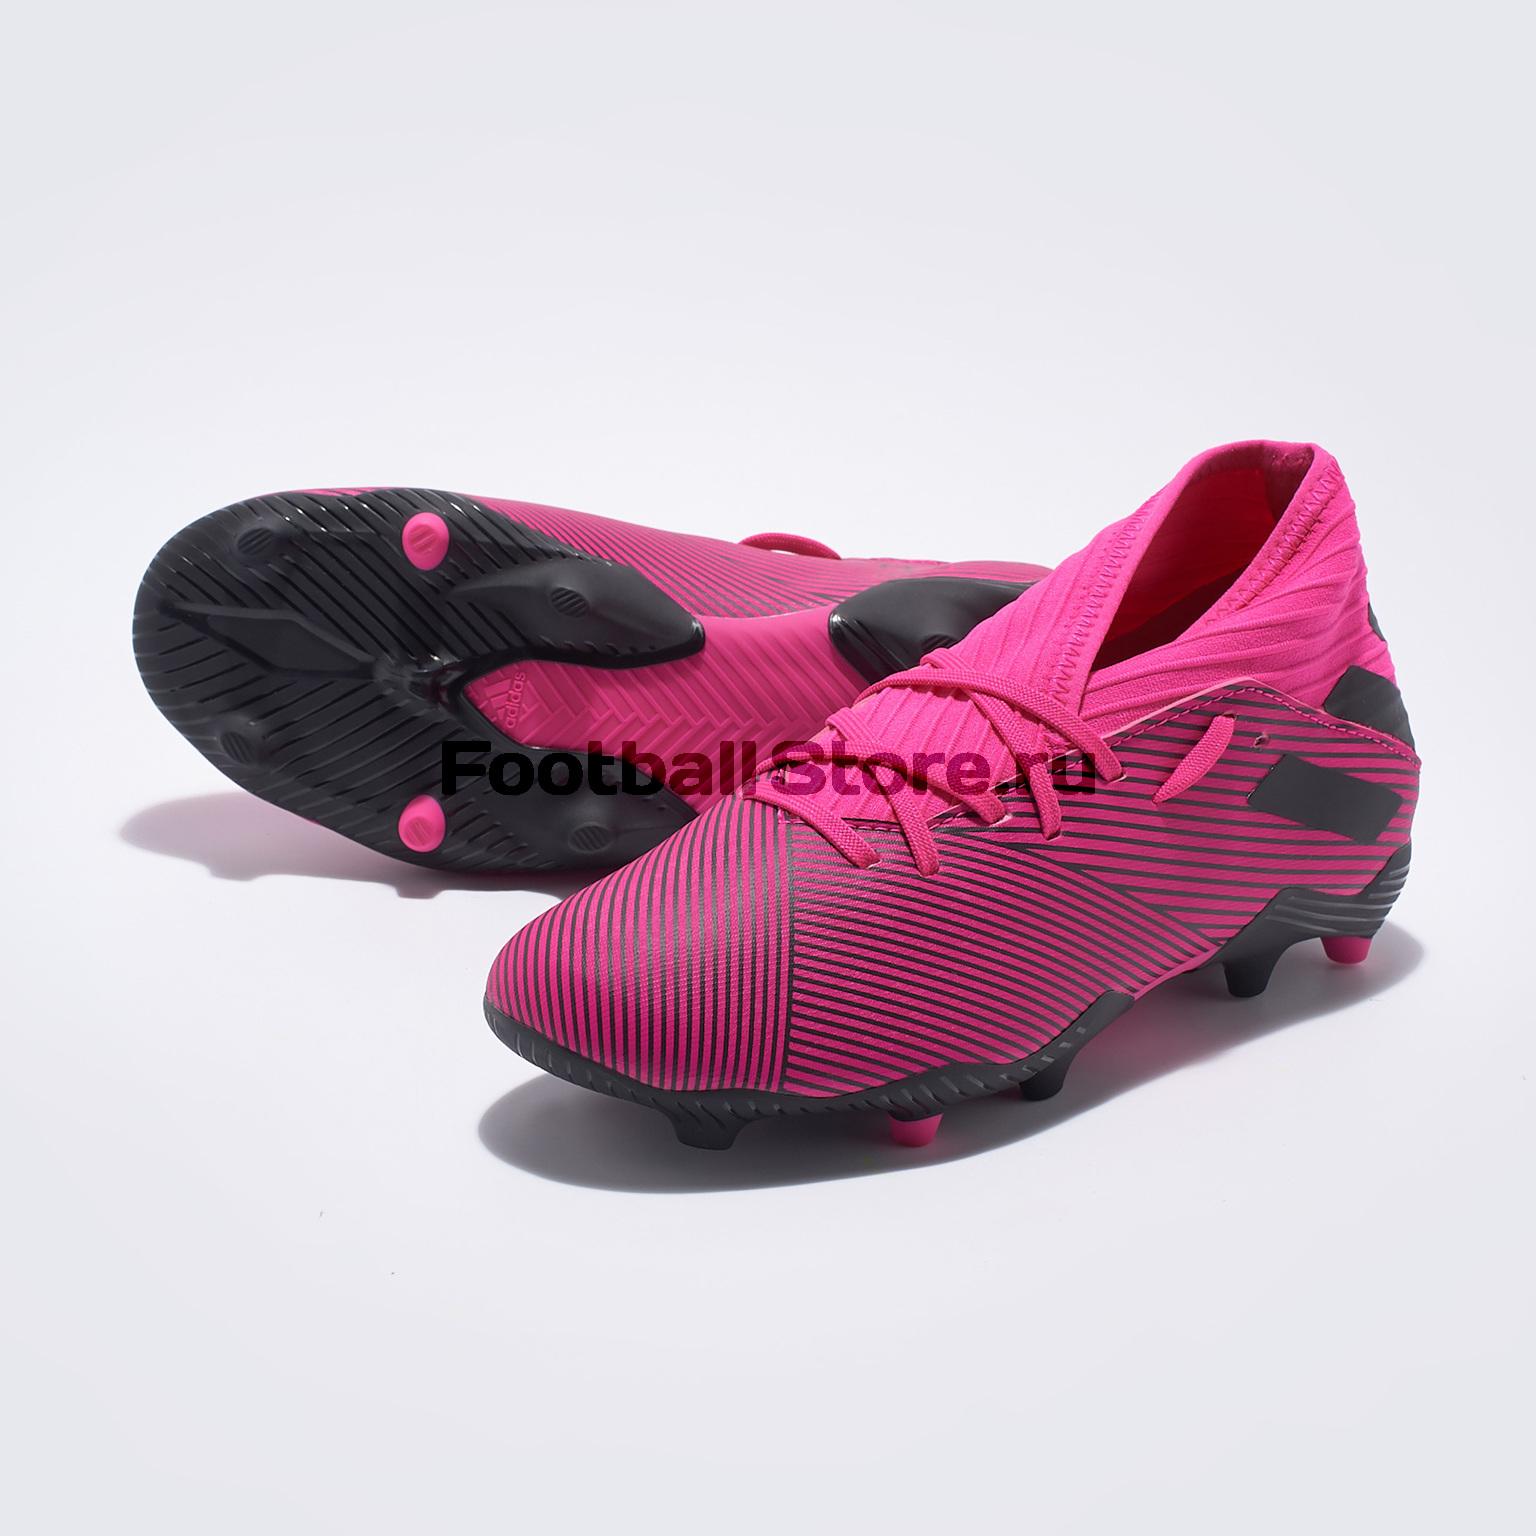 все цены на Бутсы детские Adidas Nemeziz 19.3 FG F99953 онлайн